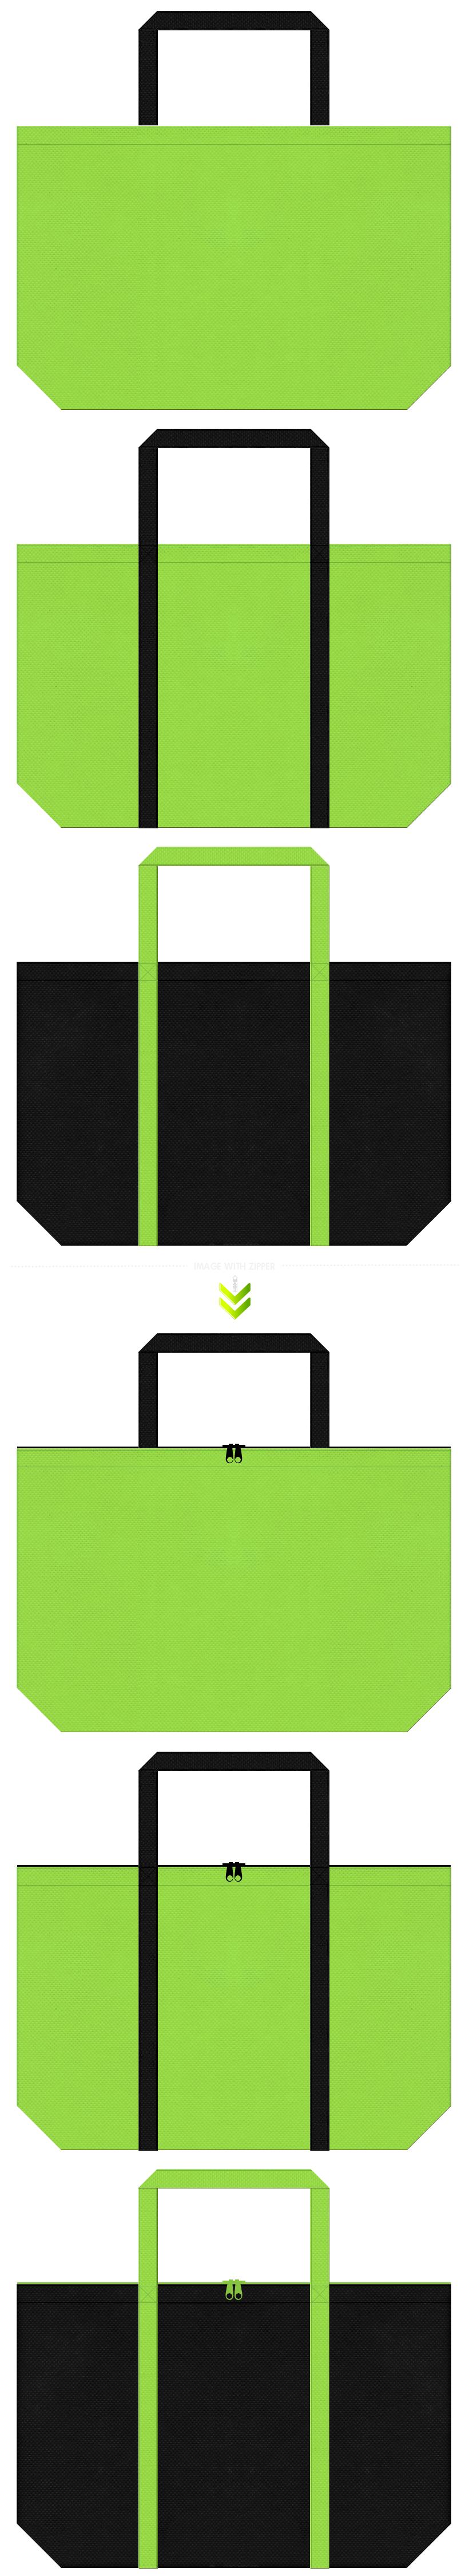 黄緑色と黒色の不織布エコバッグのデザイン。スポーツイベント・スポーティーファッションにお奨めの配色です。